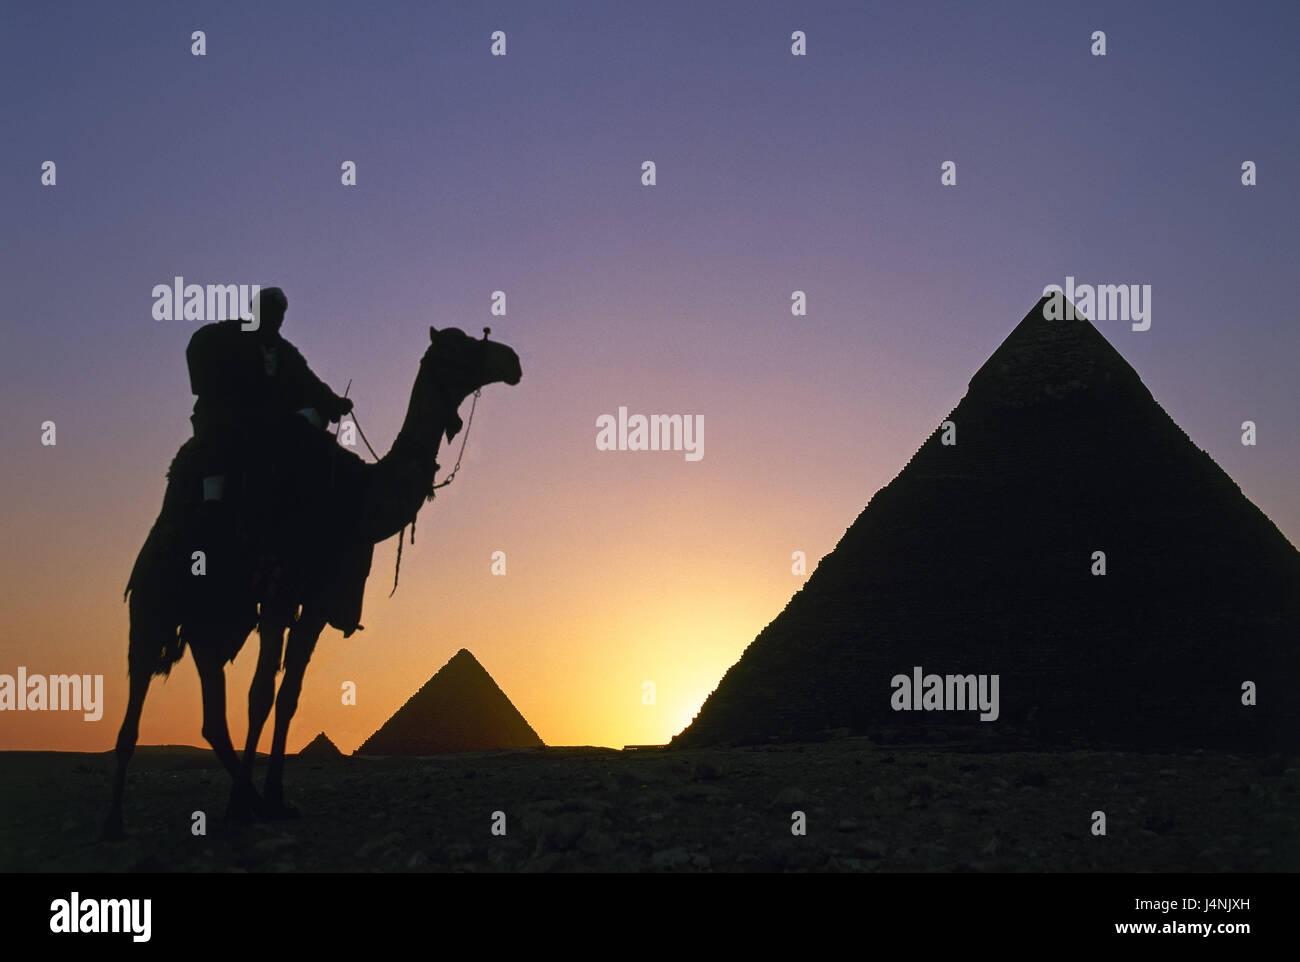 L'Égypte, Gizeh, pyramides, camel saigne, silhouette, coucher du soleil, l'Afrique, structures, historiquement, Photo Stock